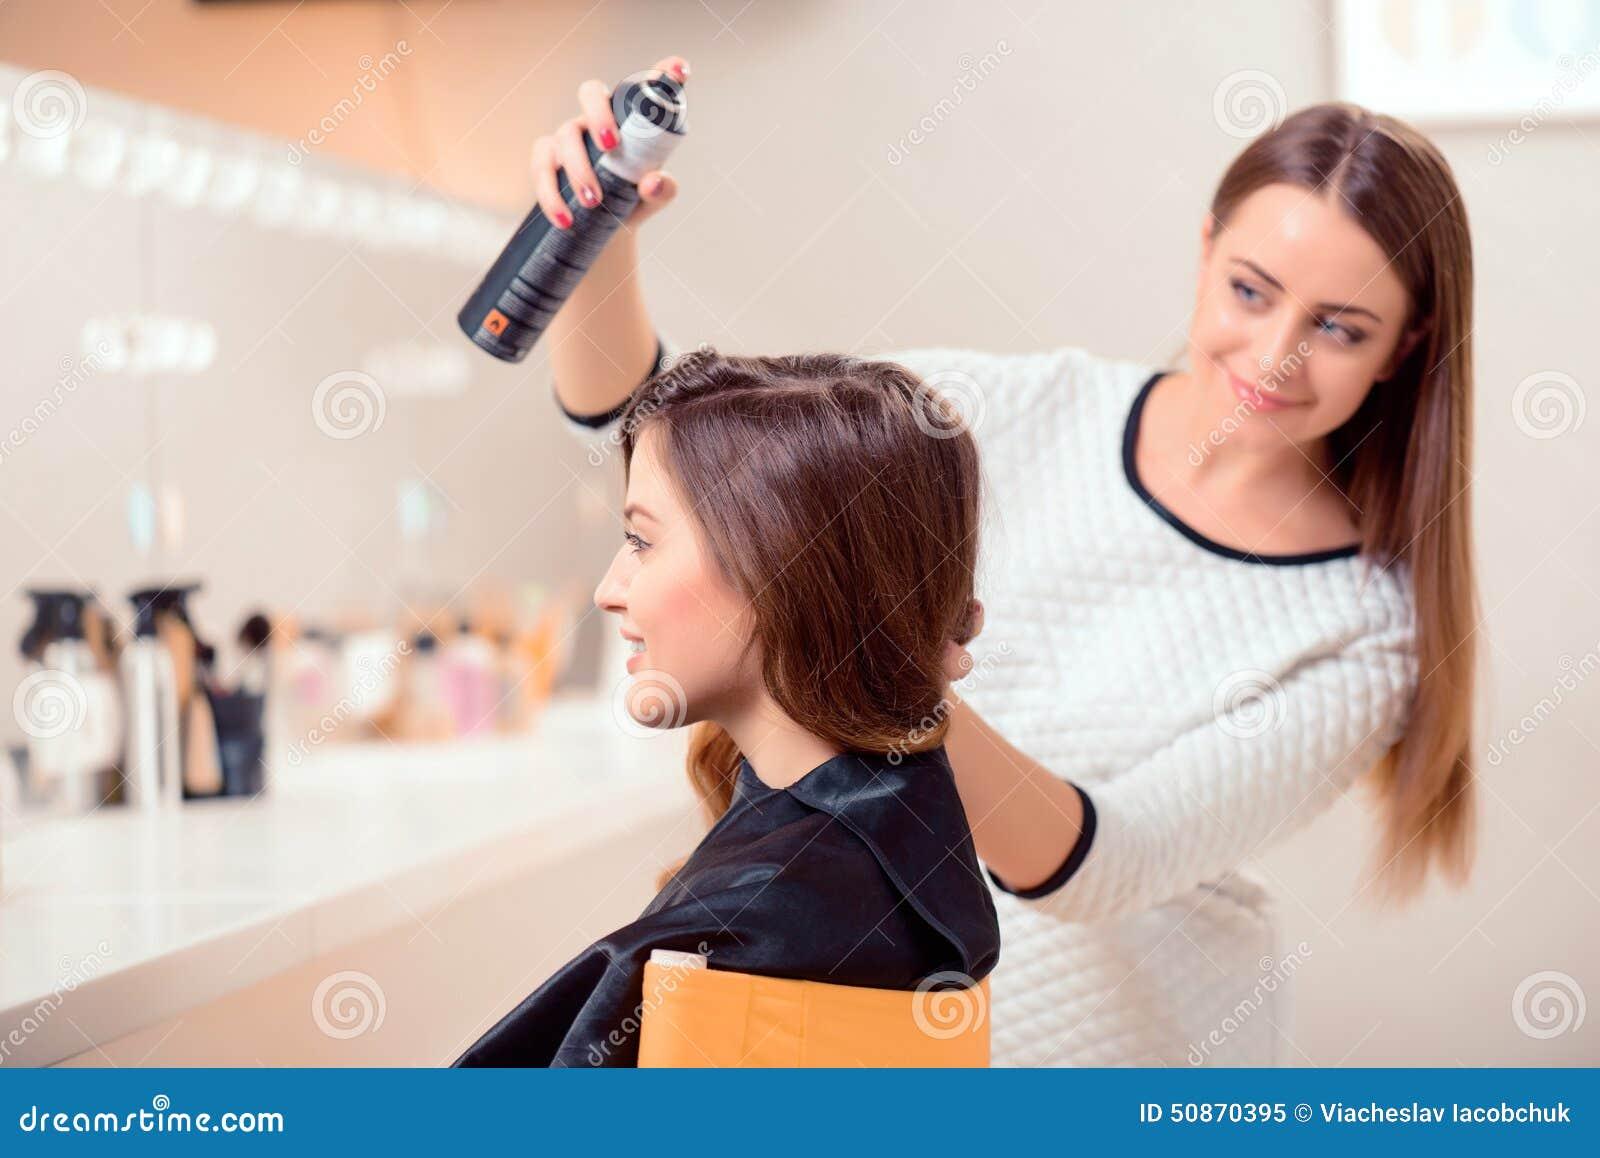 Beautiful Woman In Hair Salon Stock Photo Image 50870395